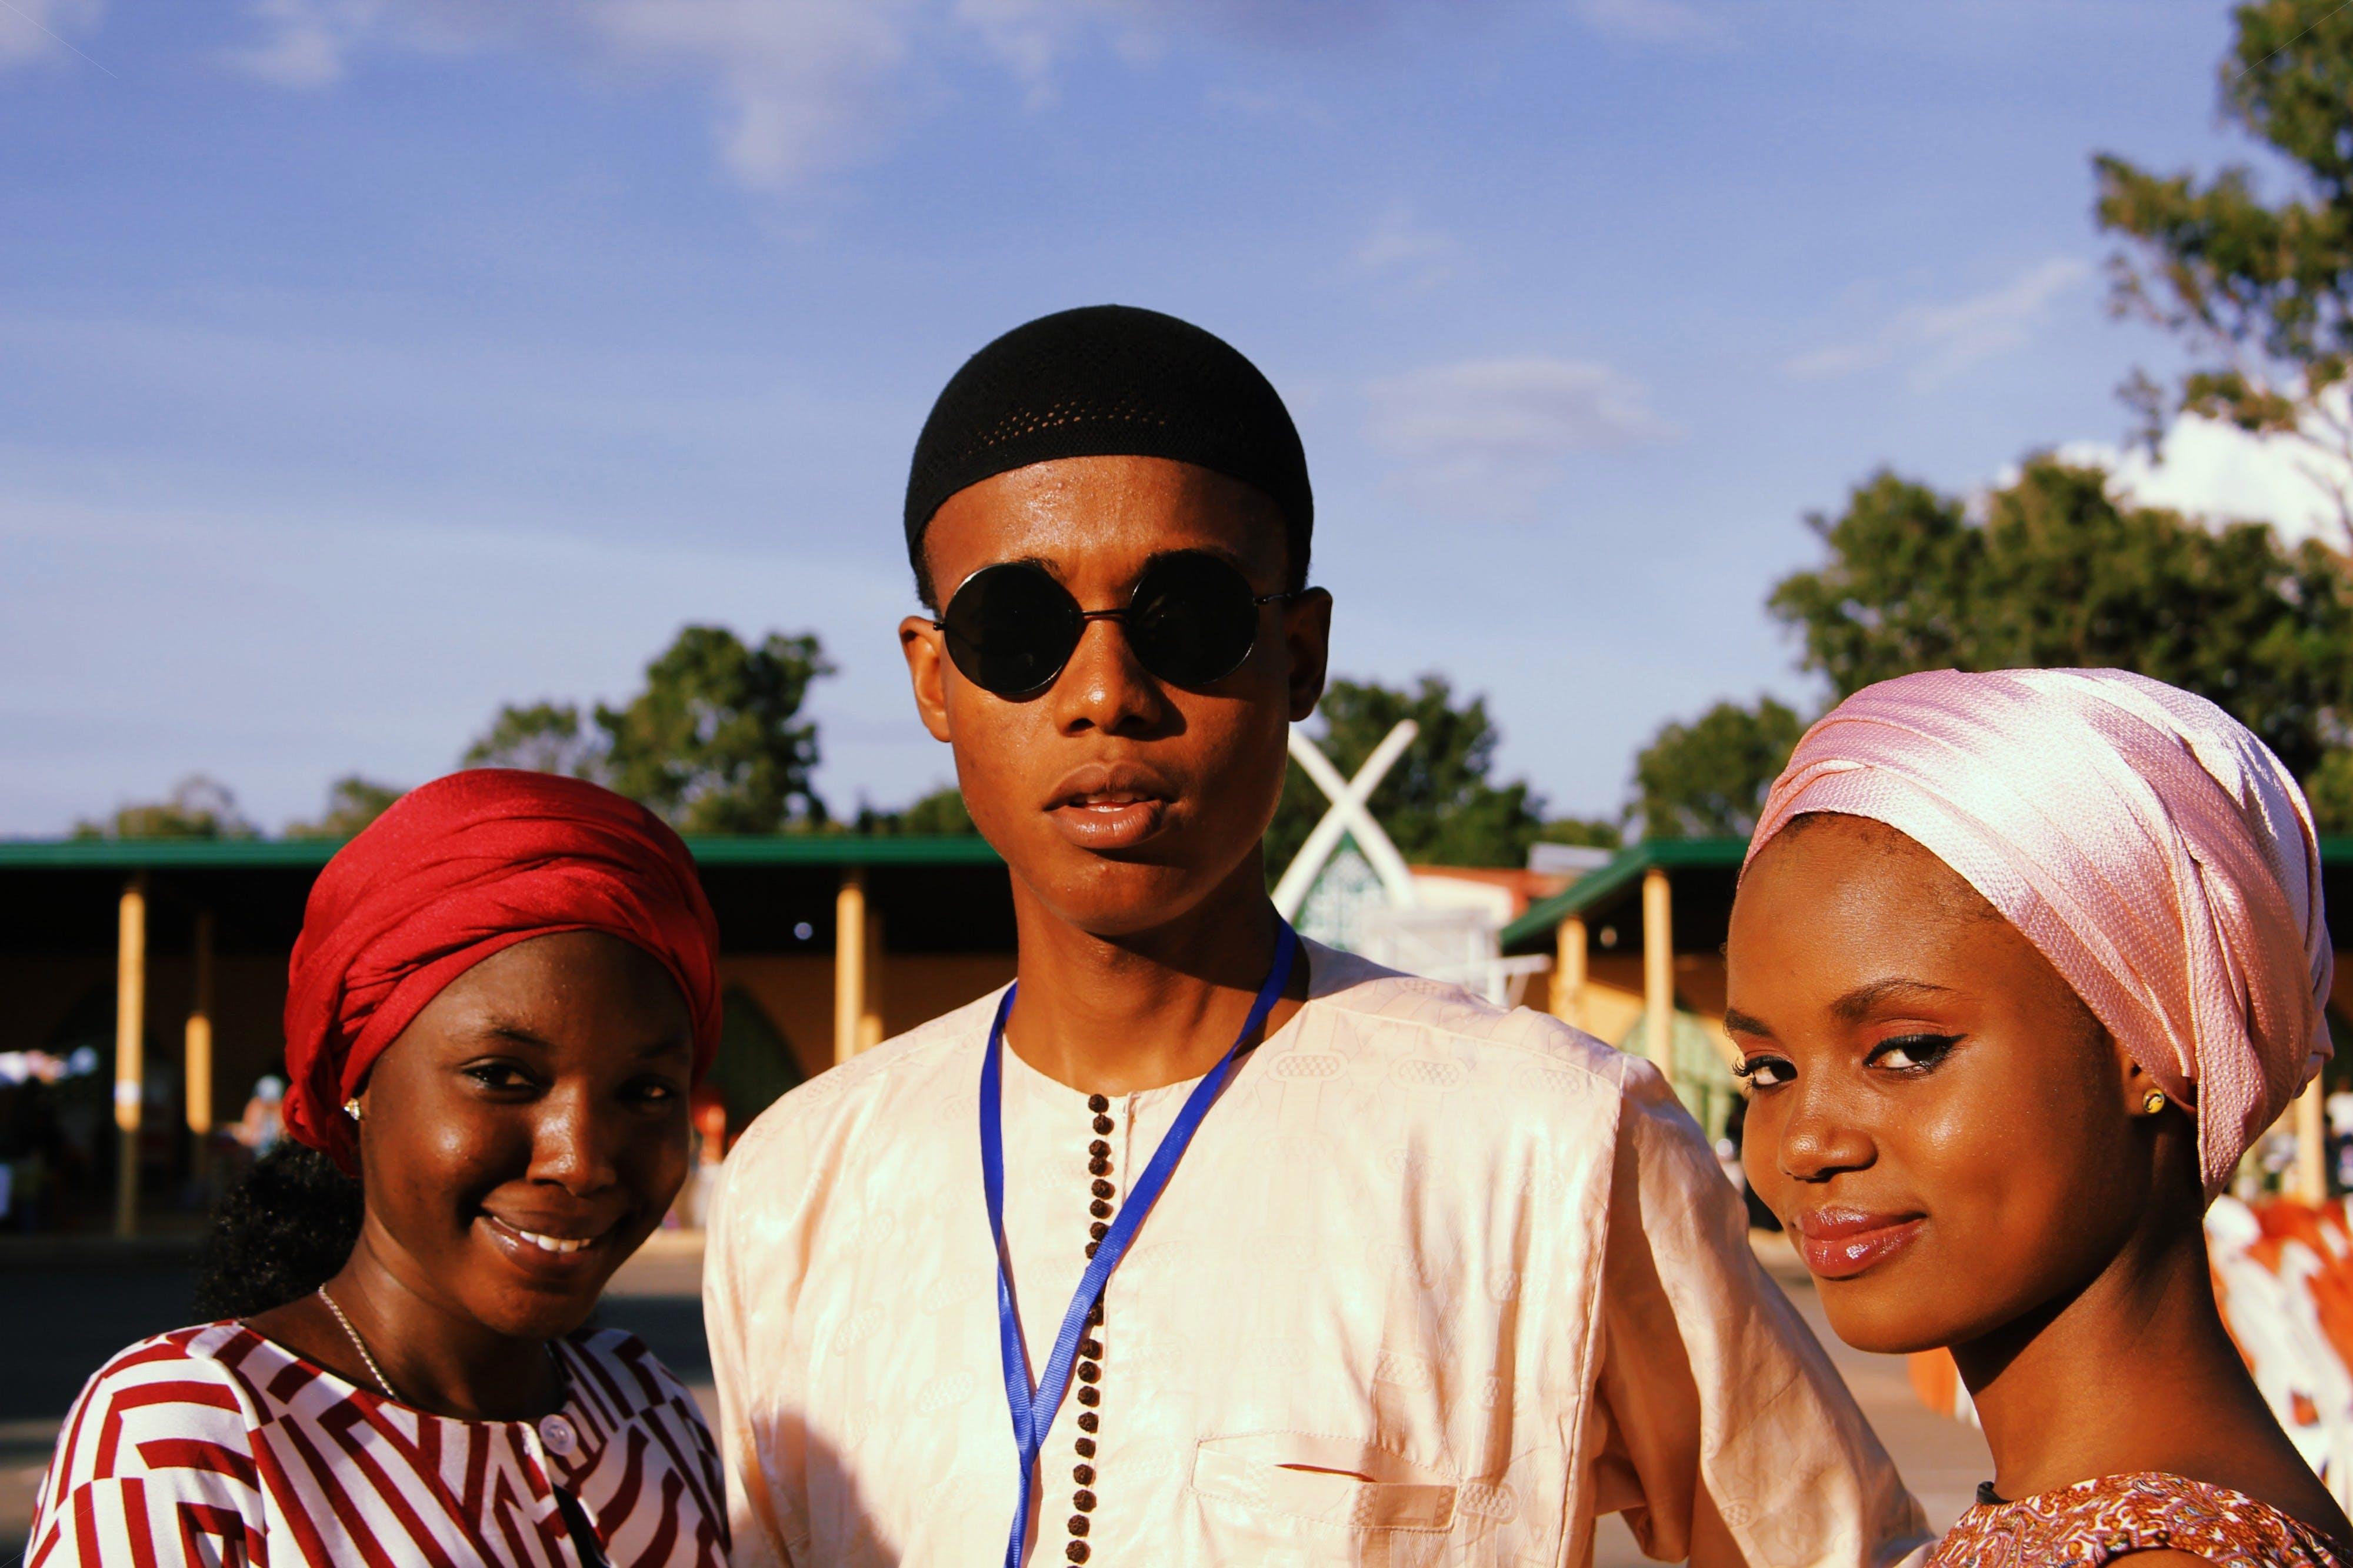 Безкоштовне стокове фото на тему «єднання, афроамериканський, афроамериканці, веселий»